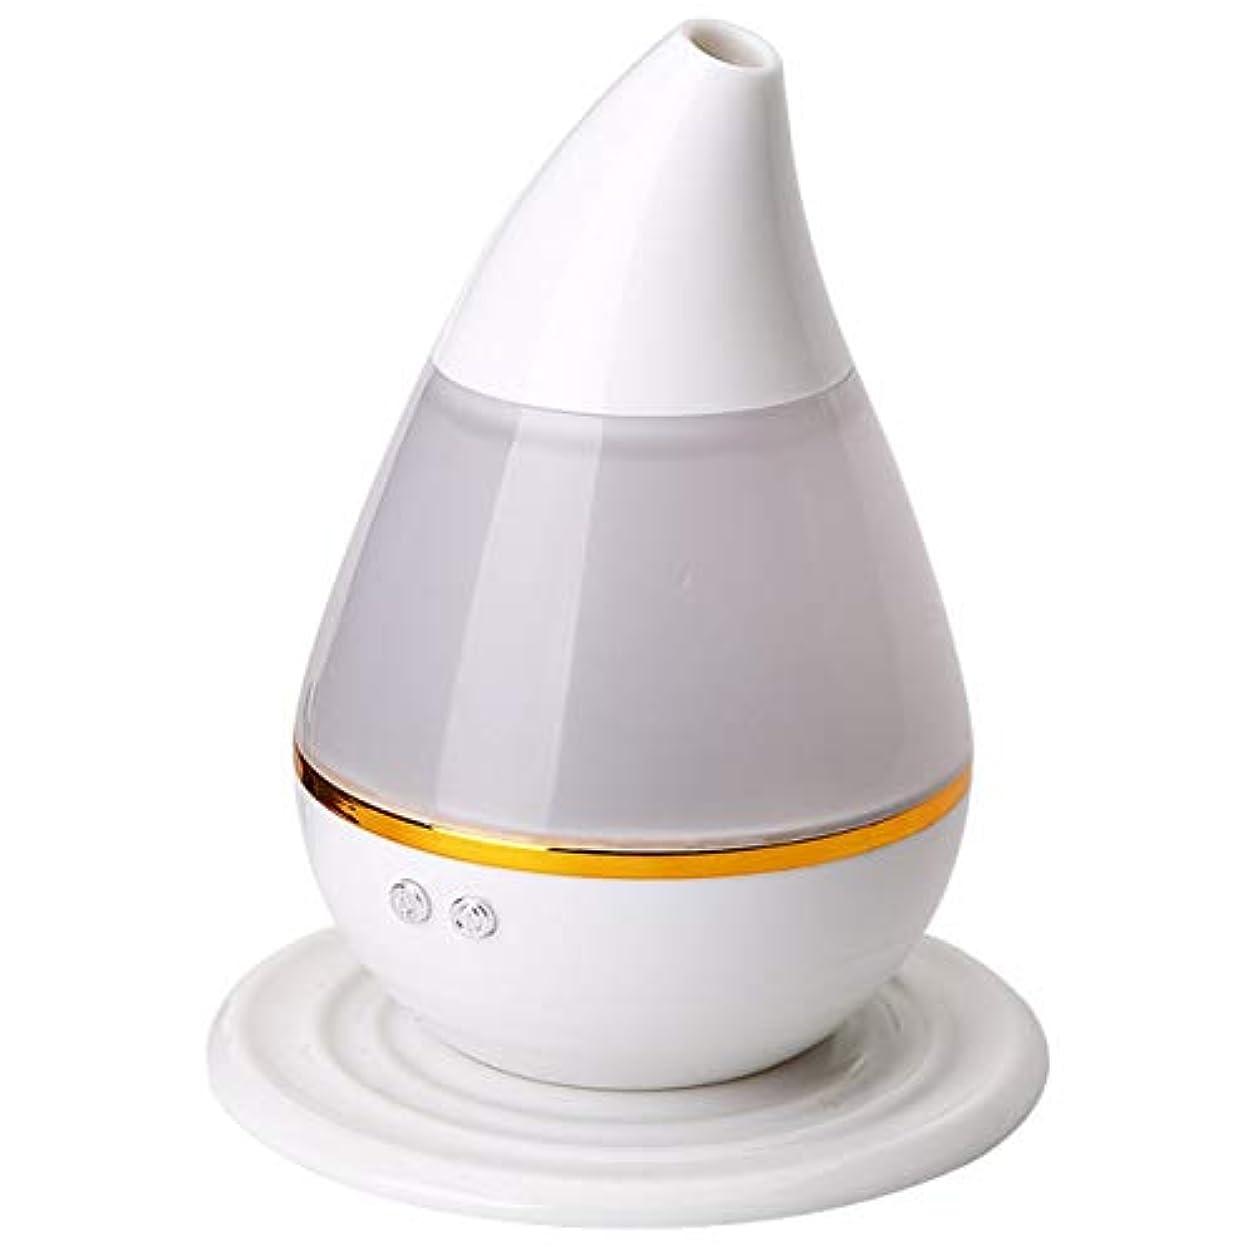 近似列挙する繊毛Saikogoods 超静音ポータブル超音波加湿器 3D効果ガラスの夜ライトアロマディフューザーベストギフト 白